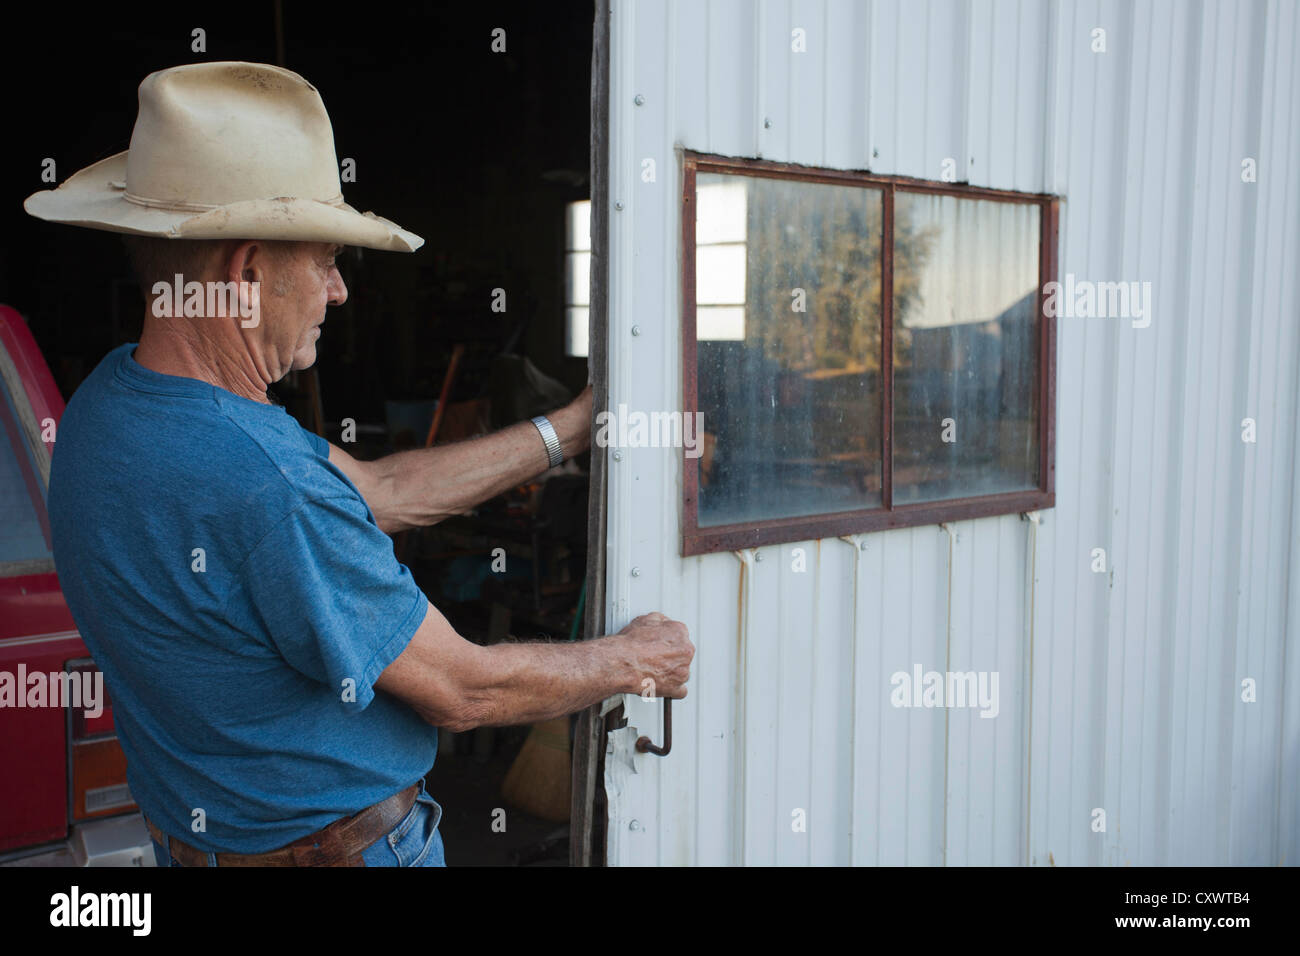 Landwirt schließende Garage Schiebetür Stockfoto, Bild: 50969720 - Alamy